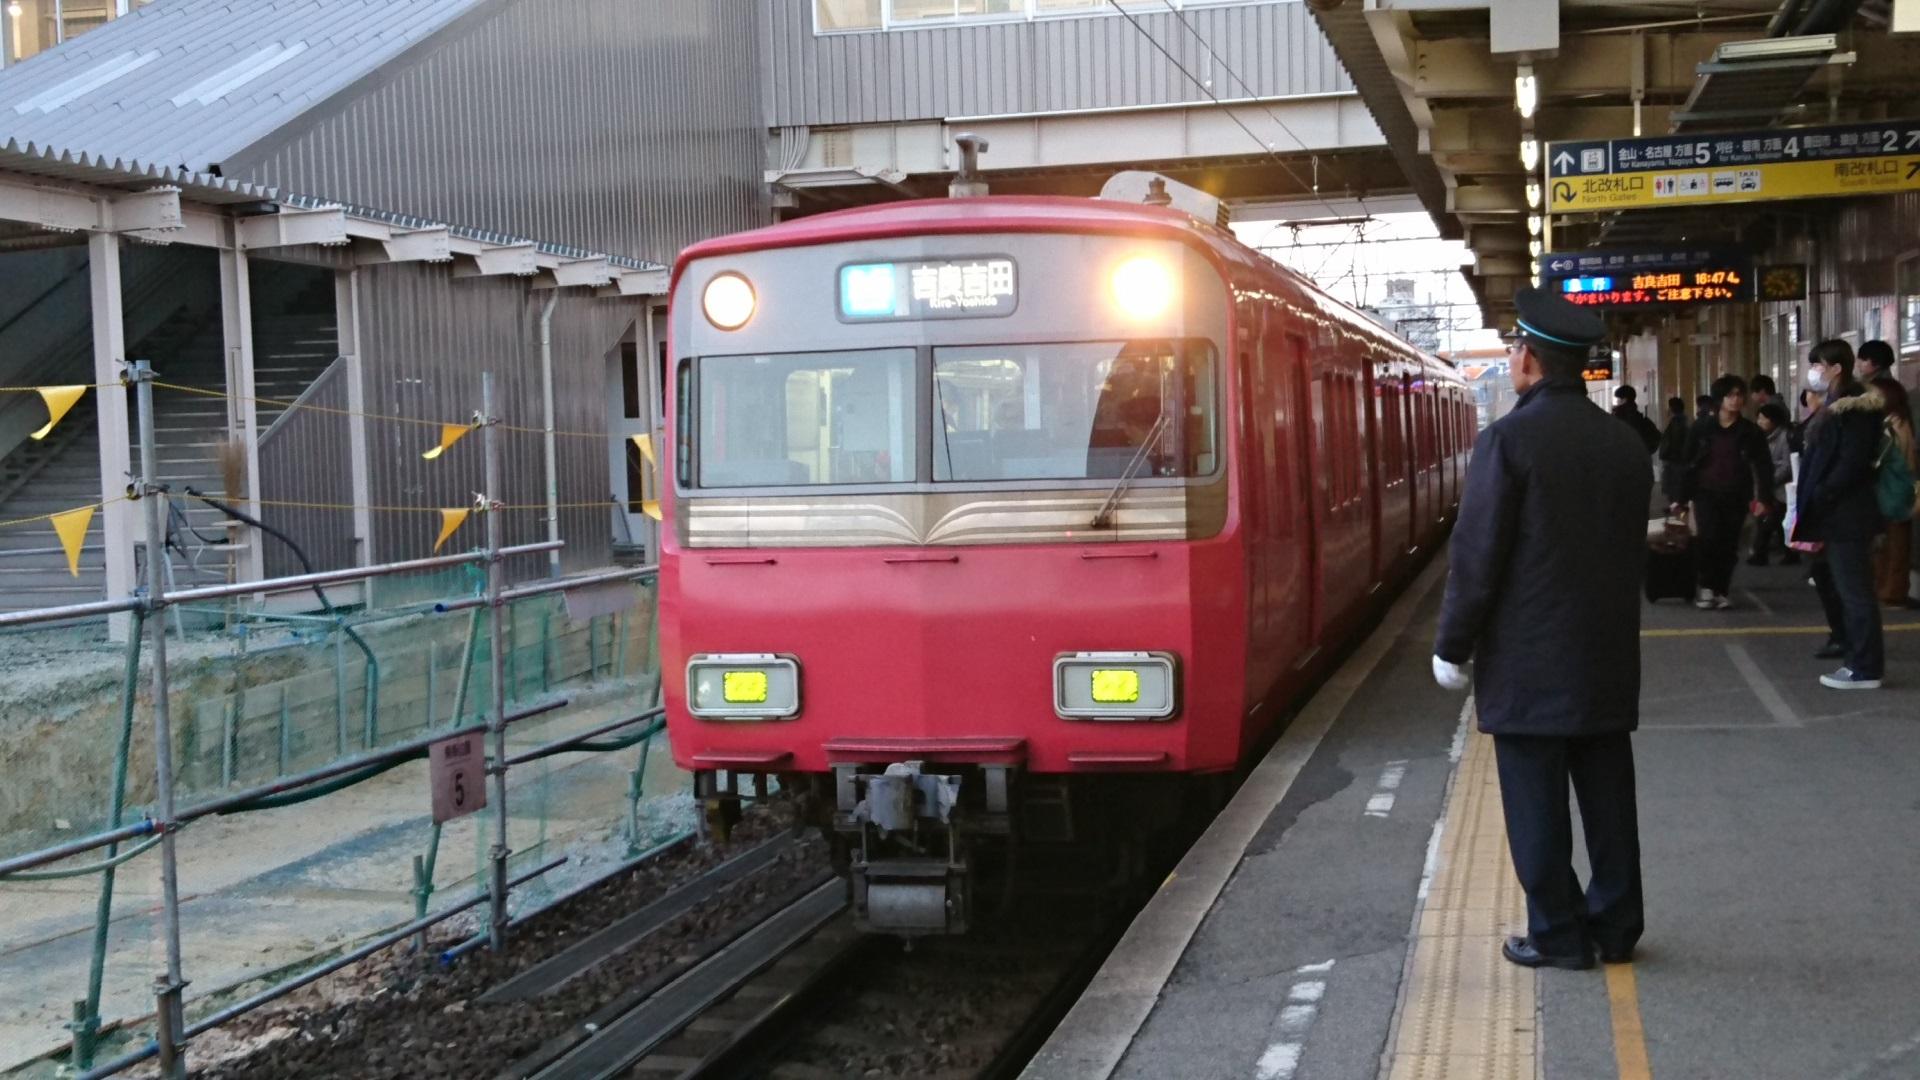 2017.1.3 岐阜から古井まで (10) 知立 - 吉良吉田いき急行 1920-1080